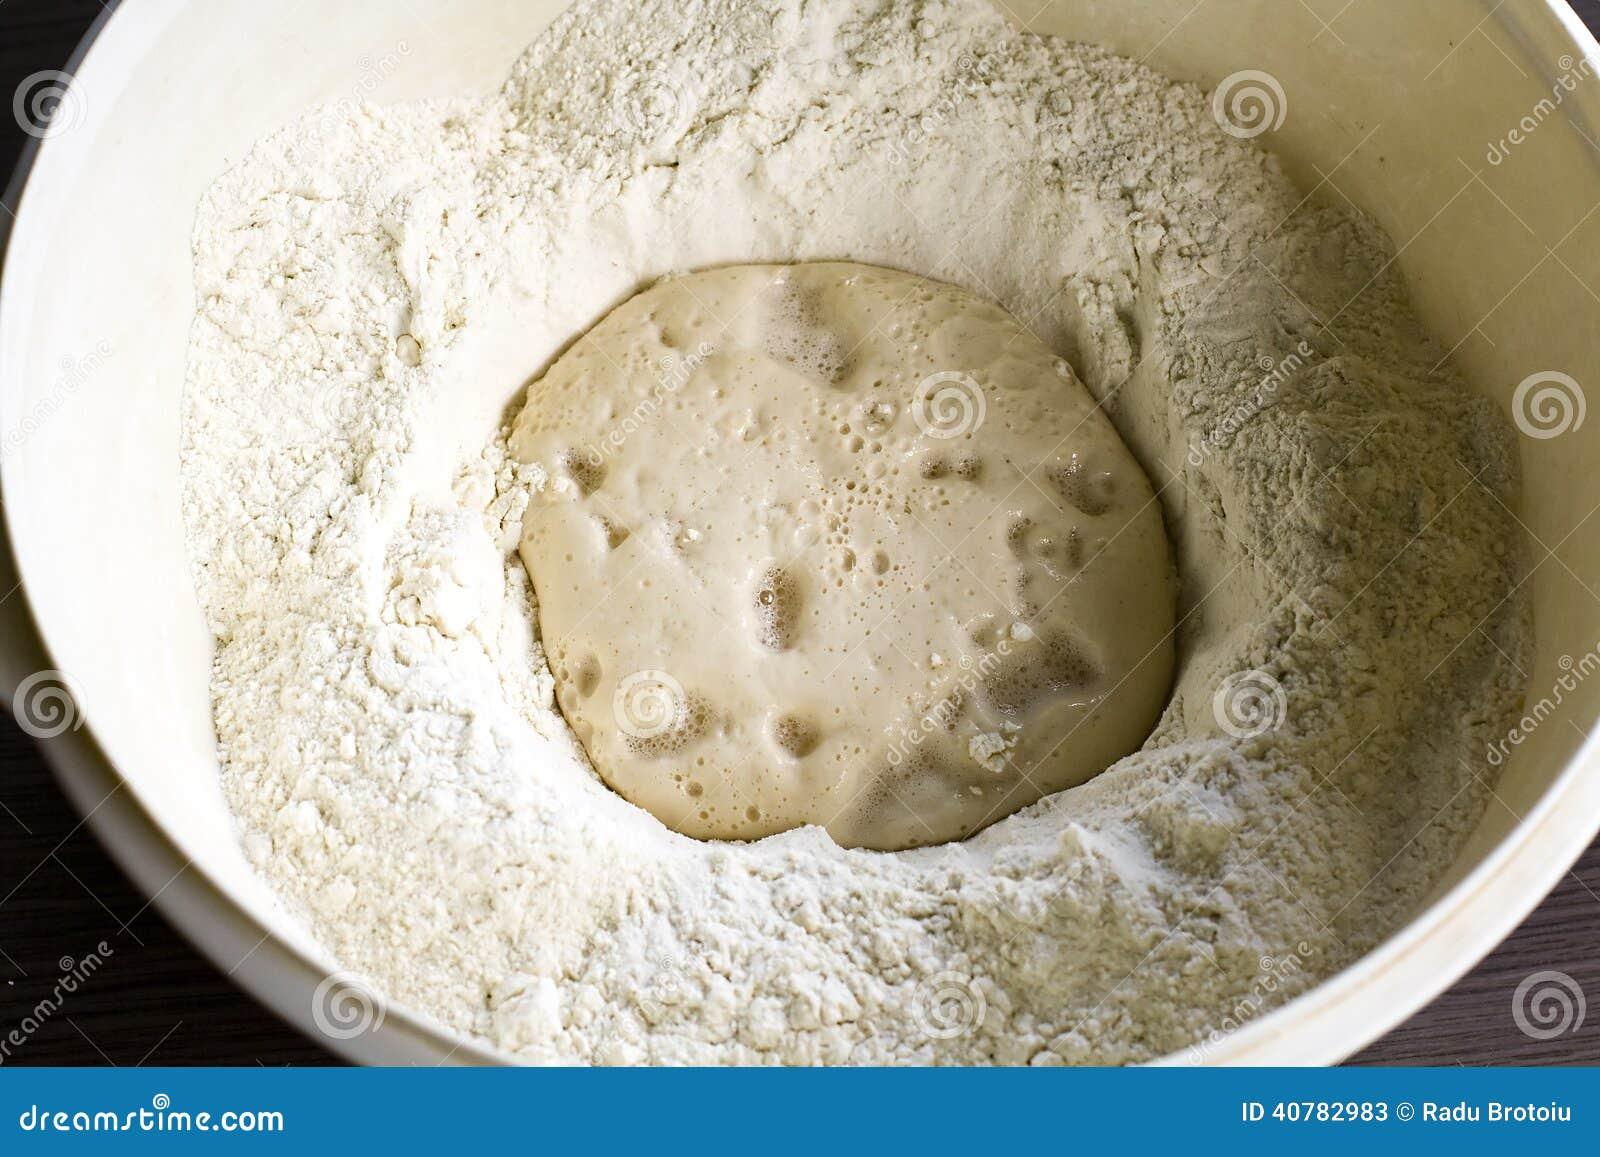 que es la harina levadura